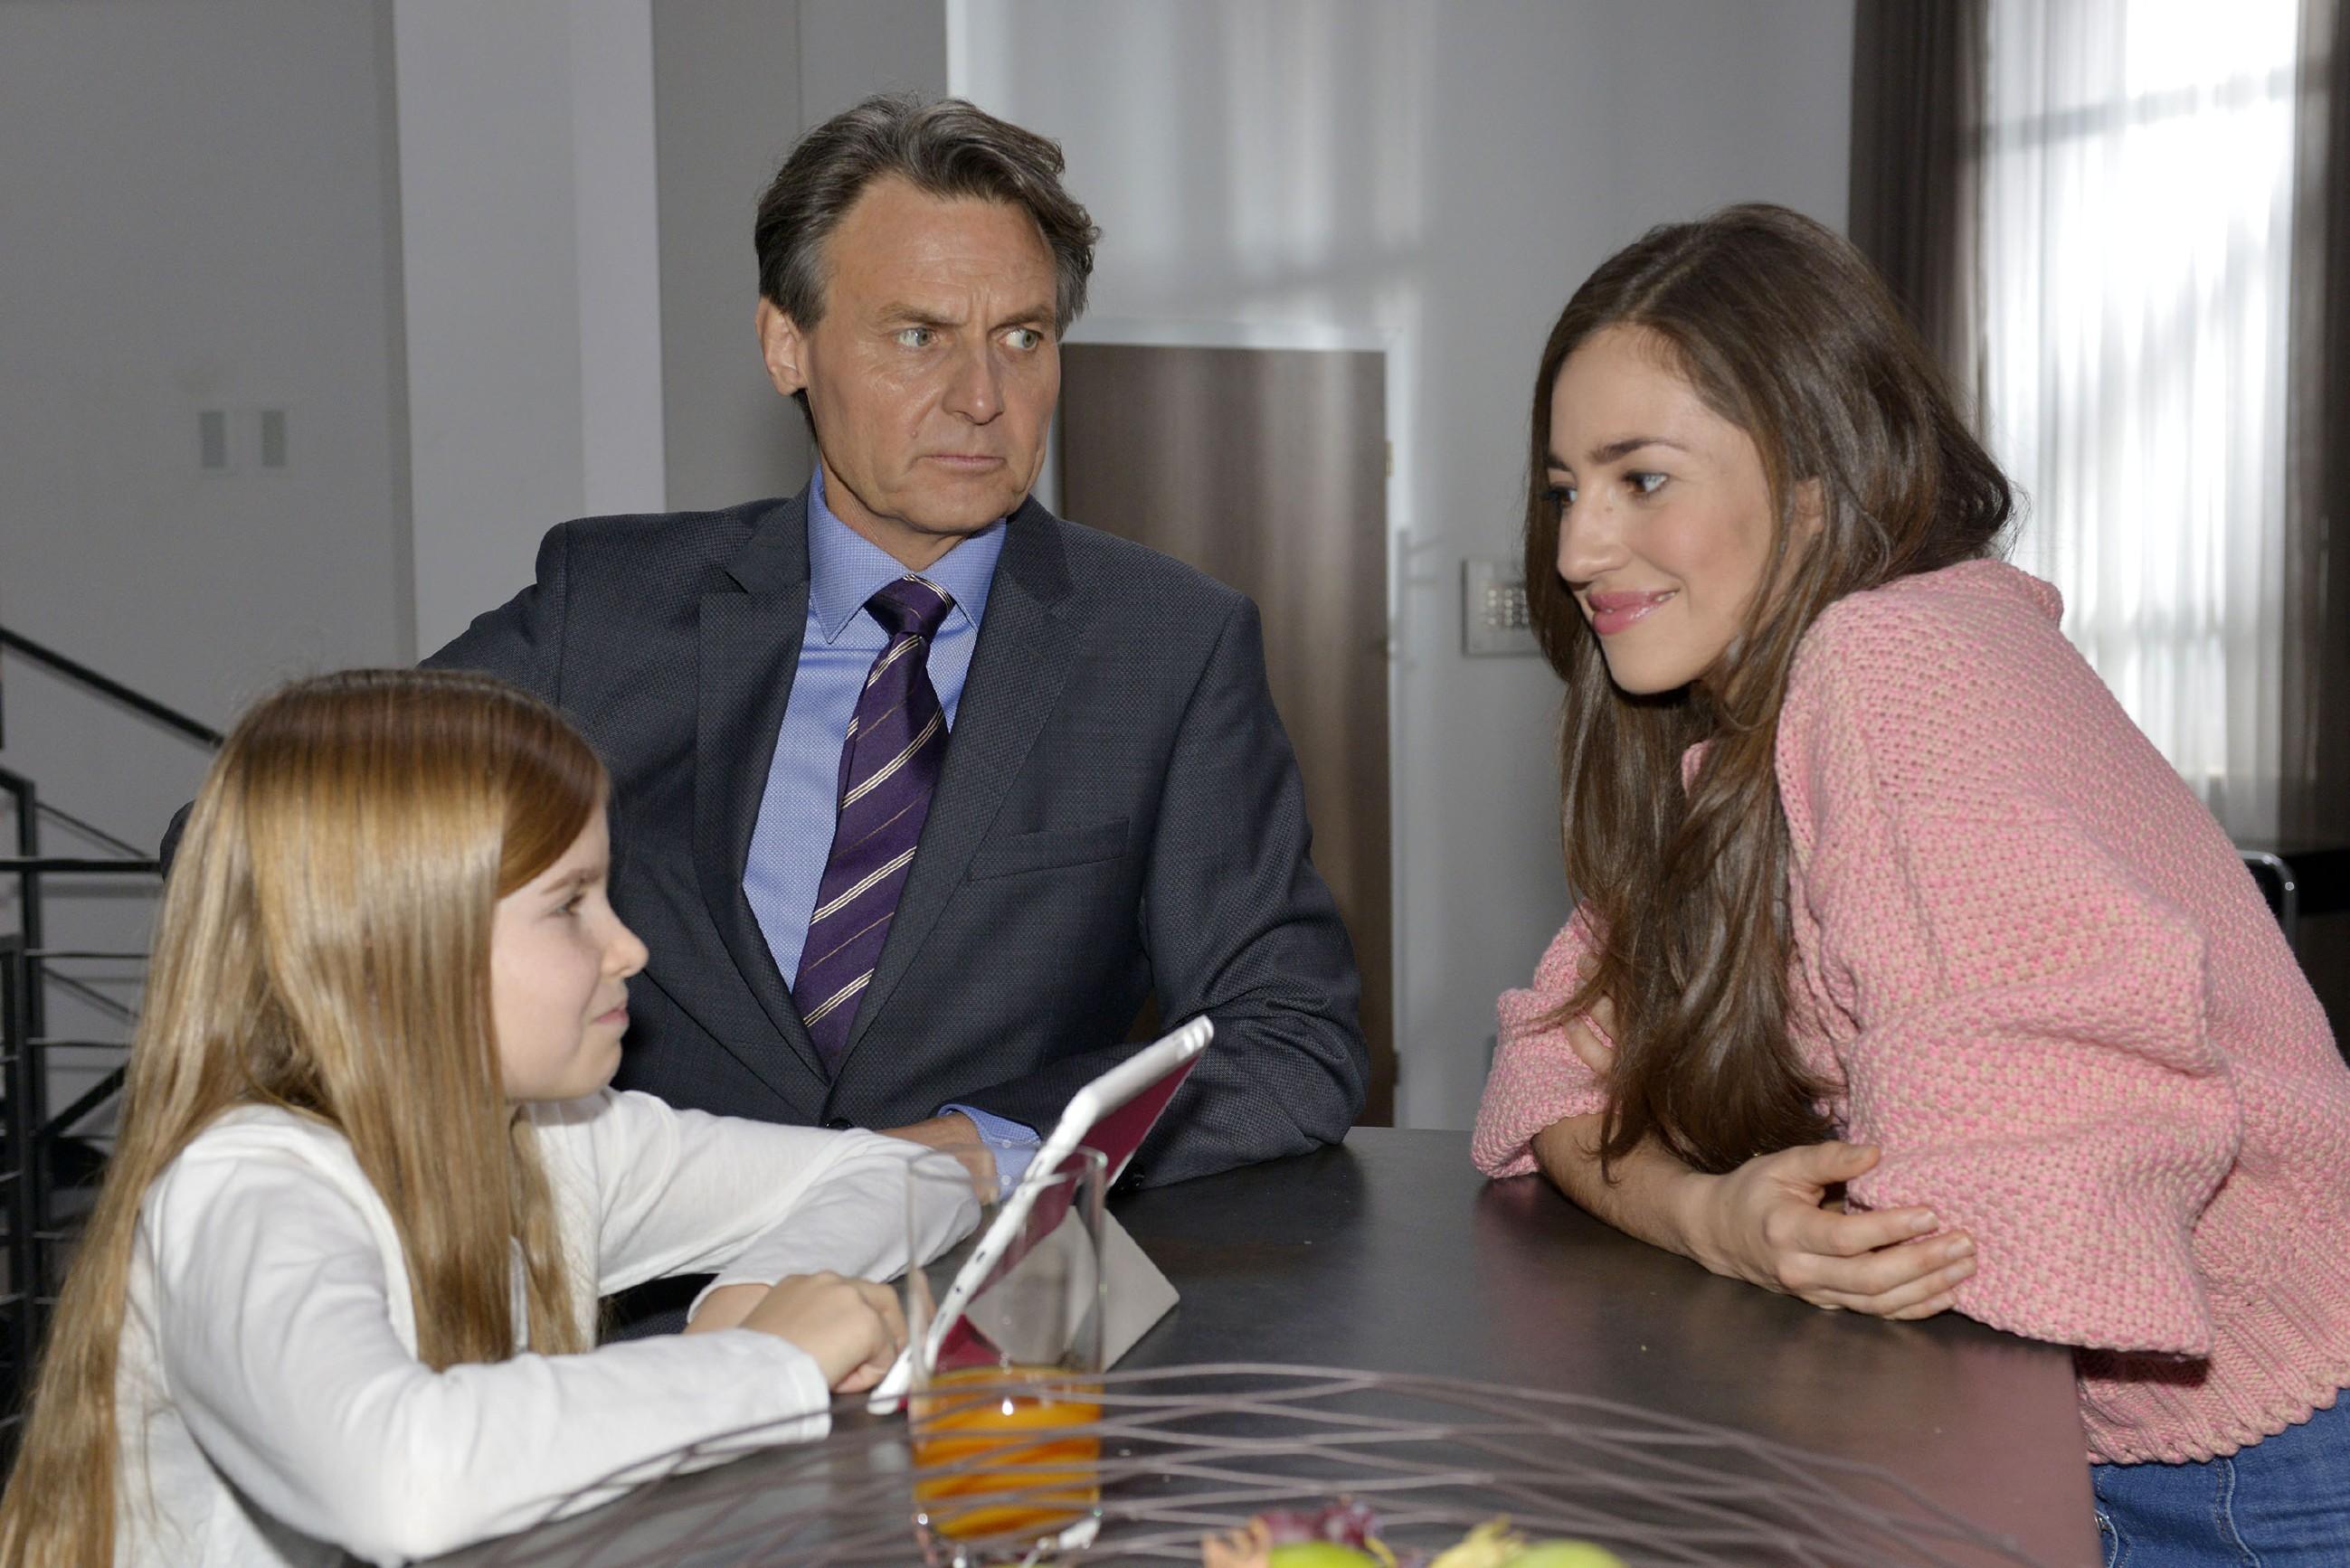 Elena (Elena Garcia Gerlach, r.) ist glücklich, dass sie bei Gerner (Wolfgang Bahro) ein neues Zuhause gefunden hat. Bereitwillig kümmert sie sich um Johanna, die Gerner in den Ohren liegt, endlich die lang ersehnte Kurzhaarfrisur zu bekommen. (Quelle: RTL / Rolf Baumgartner)